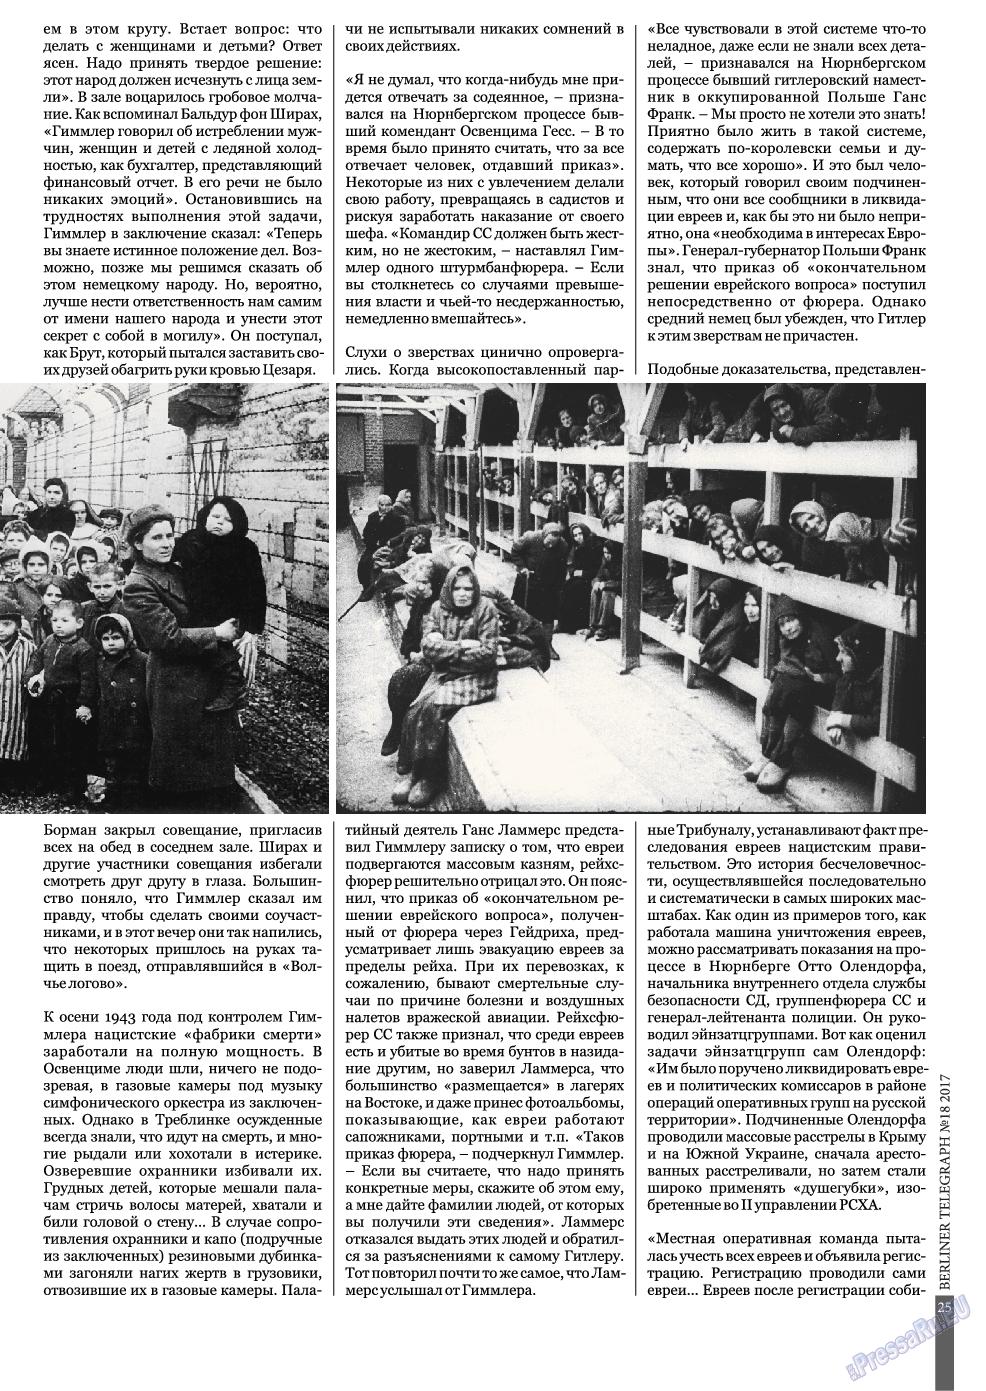 Берлинский телеграф (журнал). 2017 год, номер 18, стр. 25